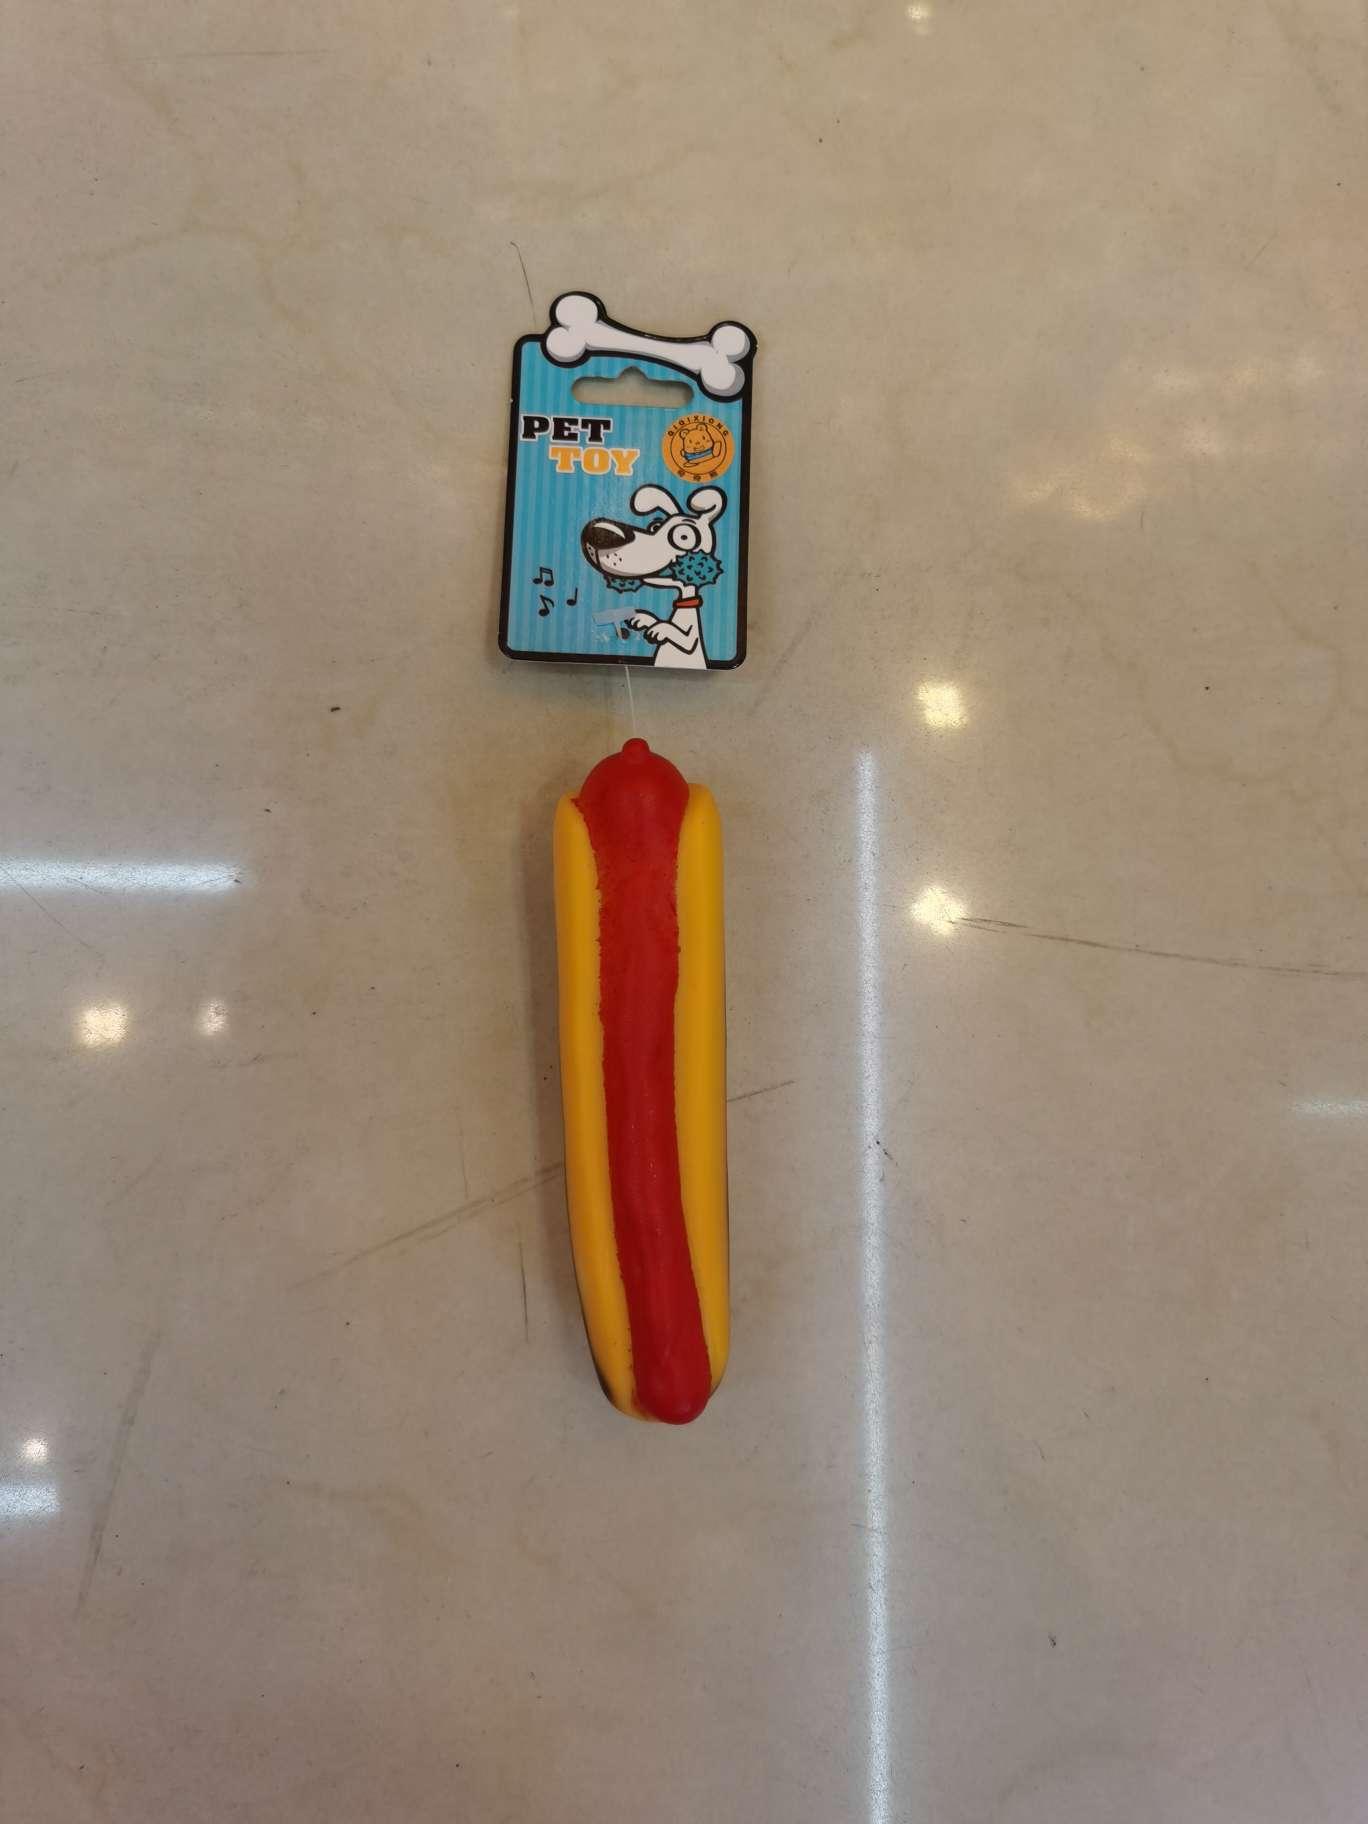 厂家直销 搪胶玩具 捏响玩具 PVC 宠物热狗